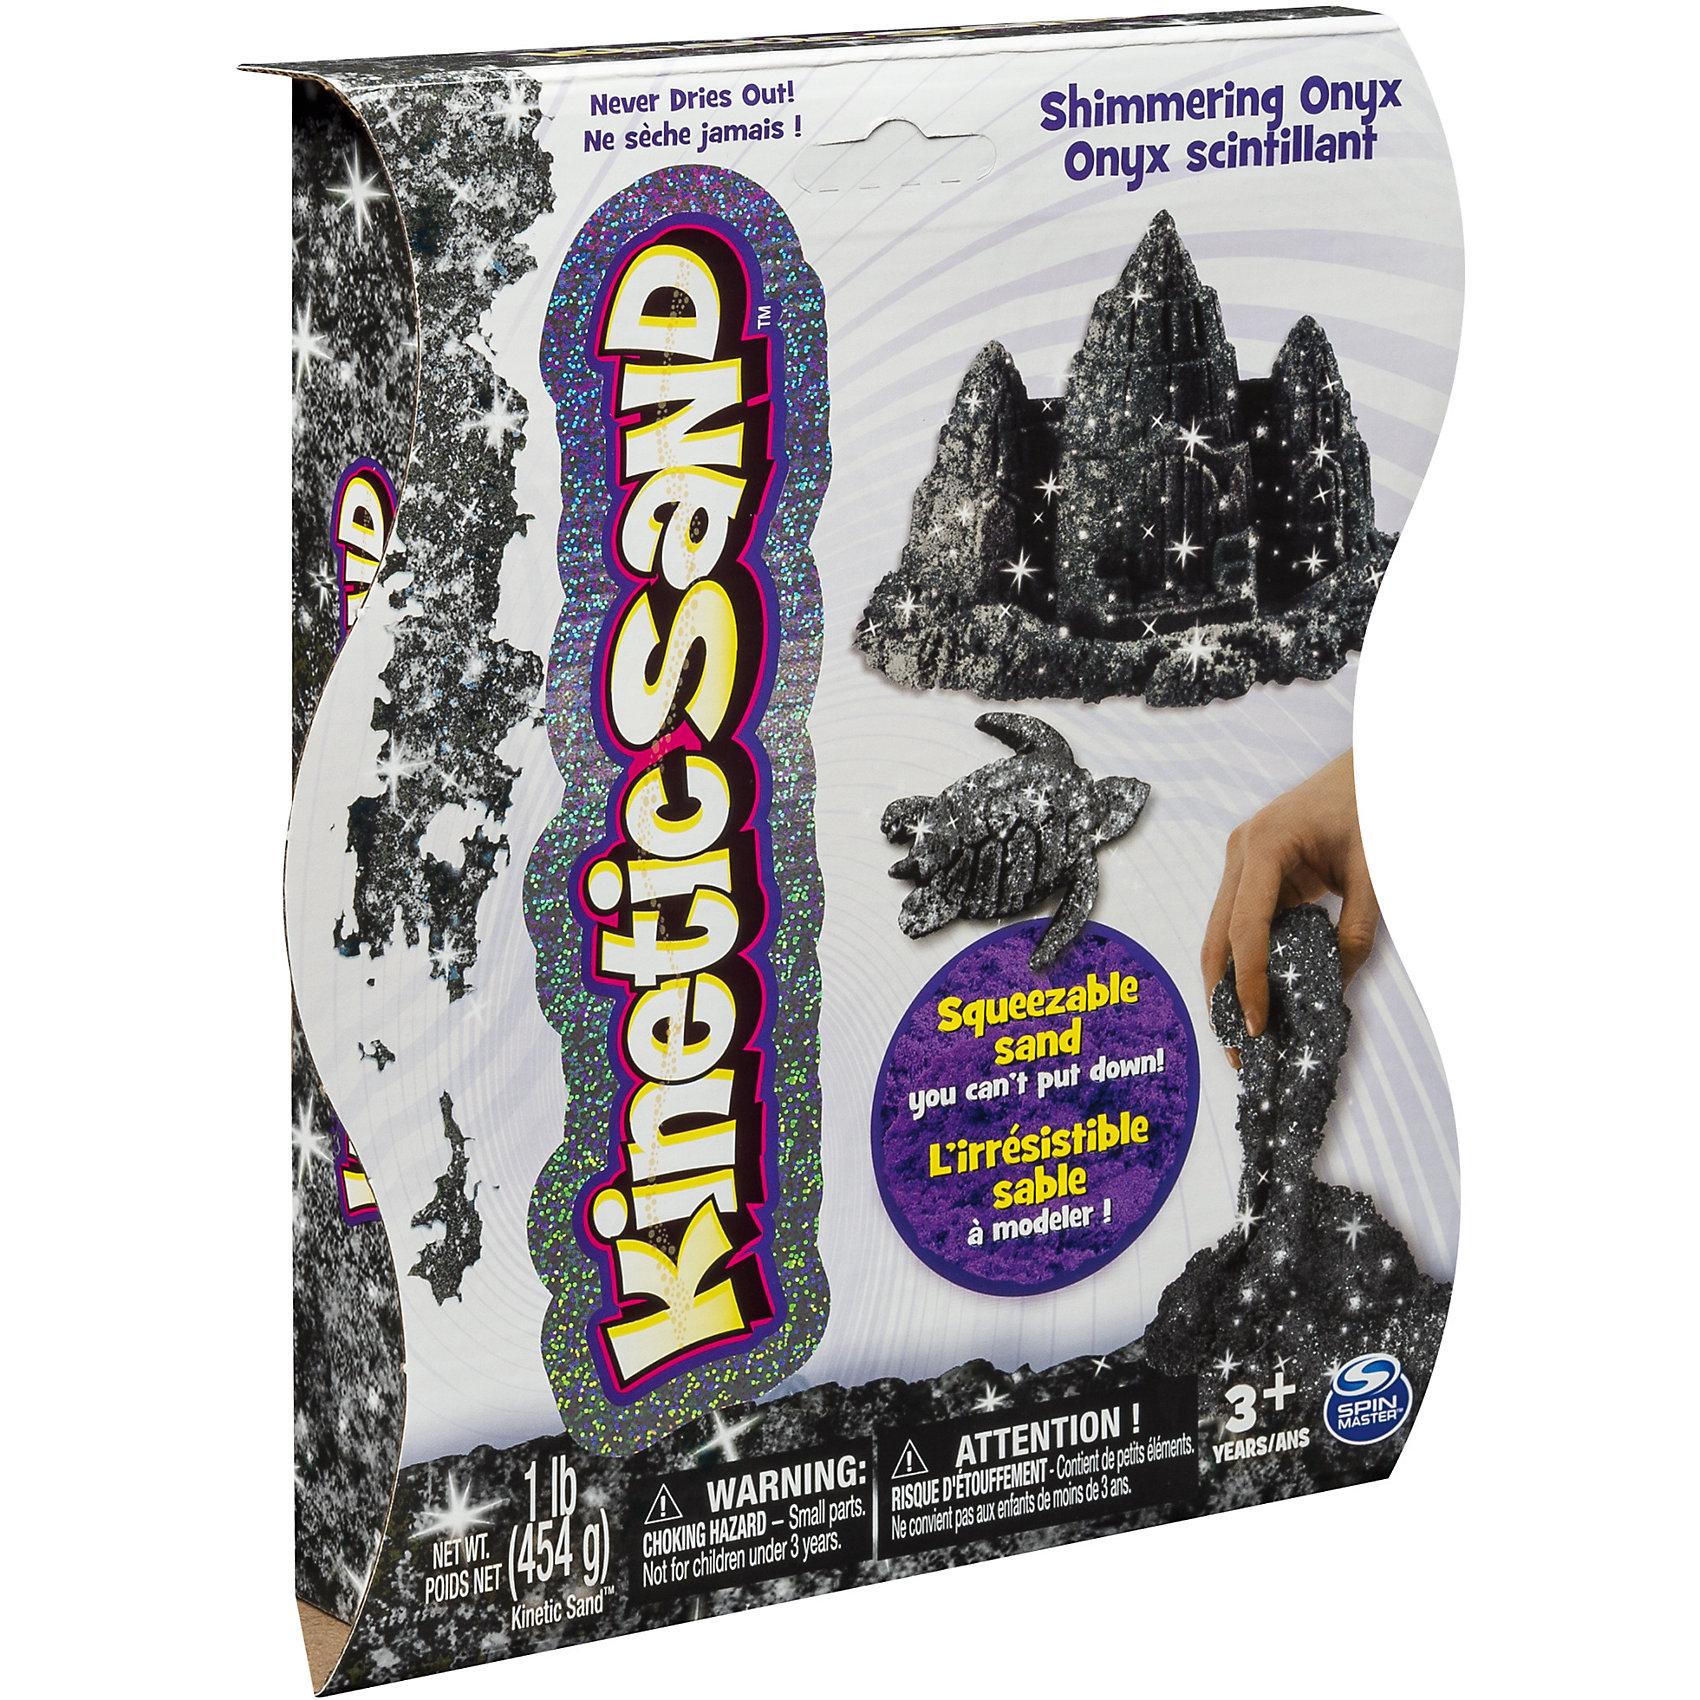 Песок для лепки Kinetic sand Драгоценные камни - оникс, 455грНовые наборы для творчества Kinetic sand — кинетический песок ярких цветов драгоценных камней: изумрудный, сапфировый, или аметист. Эффект мерцания достигается благодаря добавленным в состав песка светоотражающим частицам.<br><br>Кинетический песок — идеальный материал для творчества: гипоаллергенный, приятный на ощупь, не прилипает к рукам и красиво течёт сквозь пальцы.<br><br>Kinetic Sand состоит из кварцевого песка и уникального связующего агента, в который добавлены светоотражающие частицы.<br><br>Ширина мм: 185<br>Глубина мм: 220<br>Высота мм: 45<br>Вес г: 567<br>Возраст от месяцев: 36<br>Возраст до месяцев: 84<br>Пол: Унисекс<br>Возраст: Детский<br>SKU: 4768734